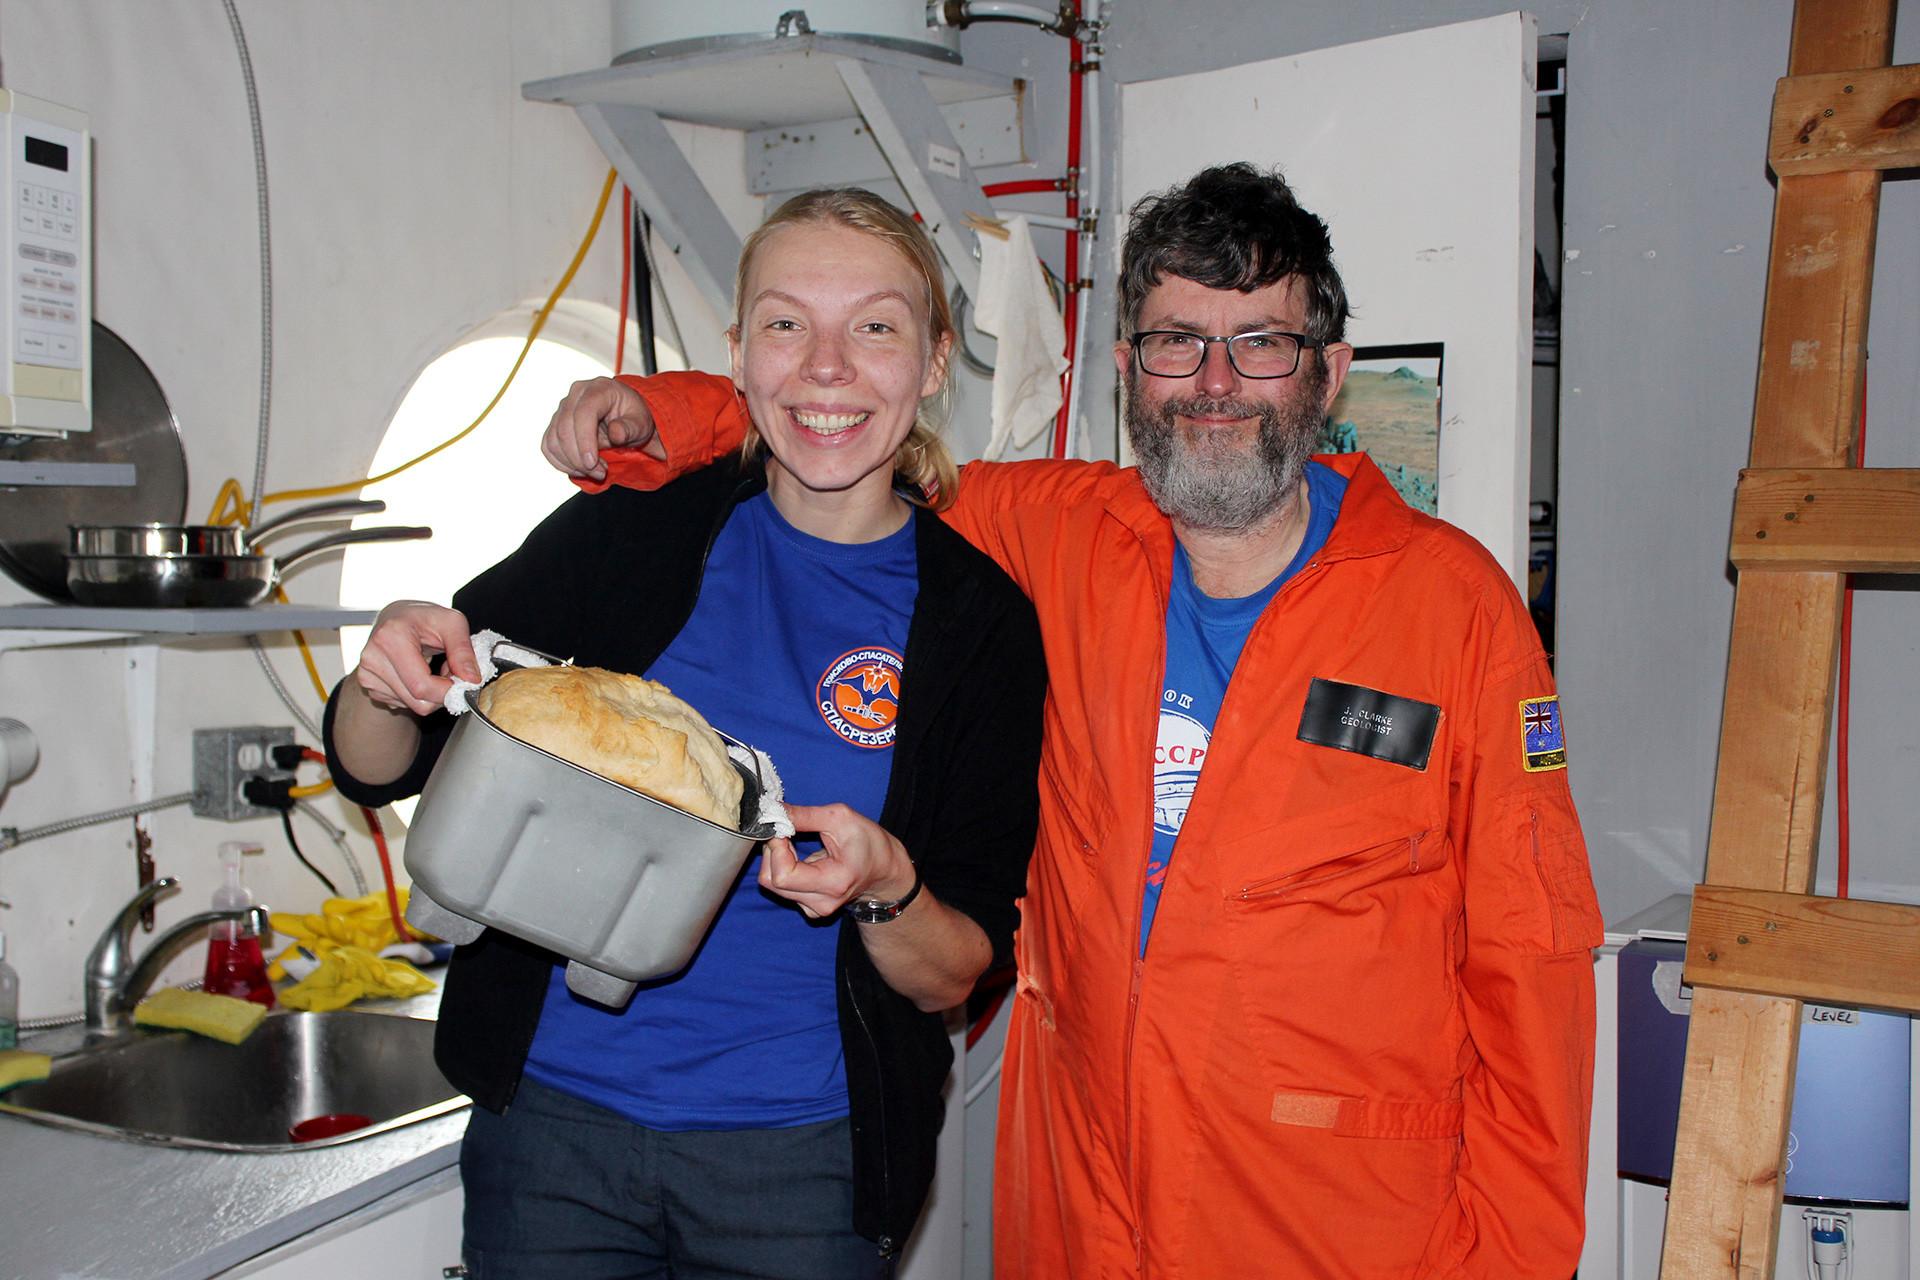 アナスタシヤ・ステパノワとジョナサン・クラーク、フラッシュライン火星研究基地